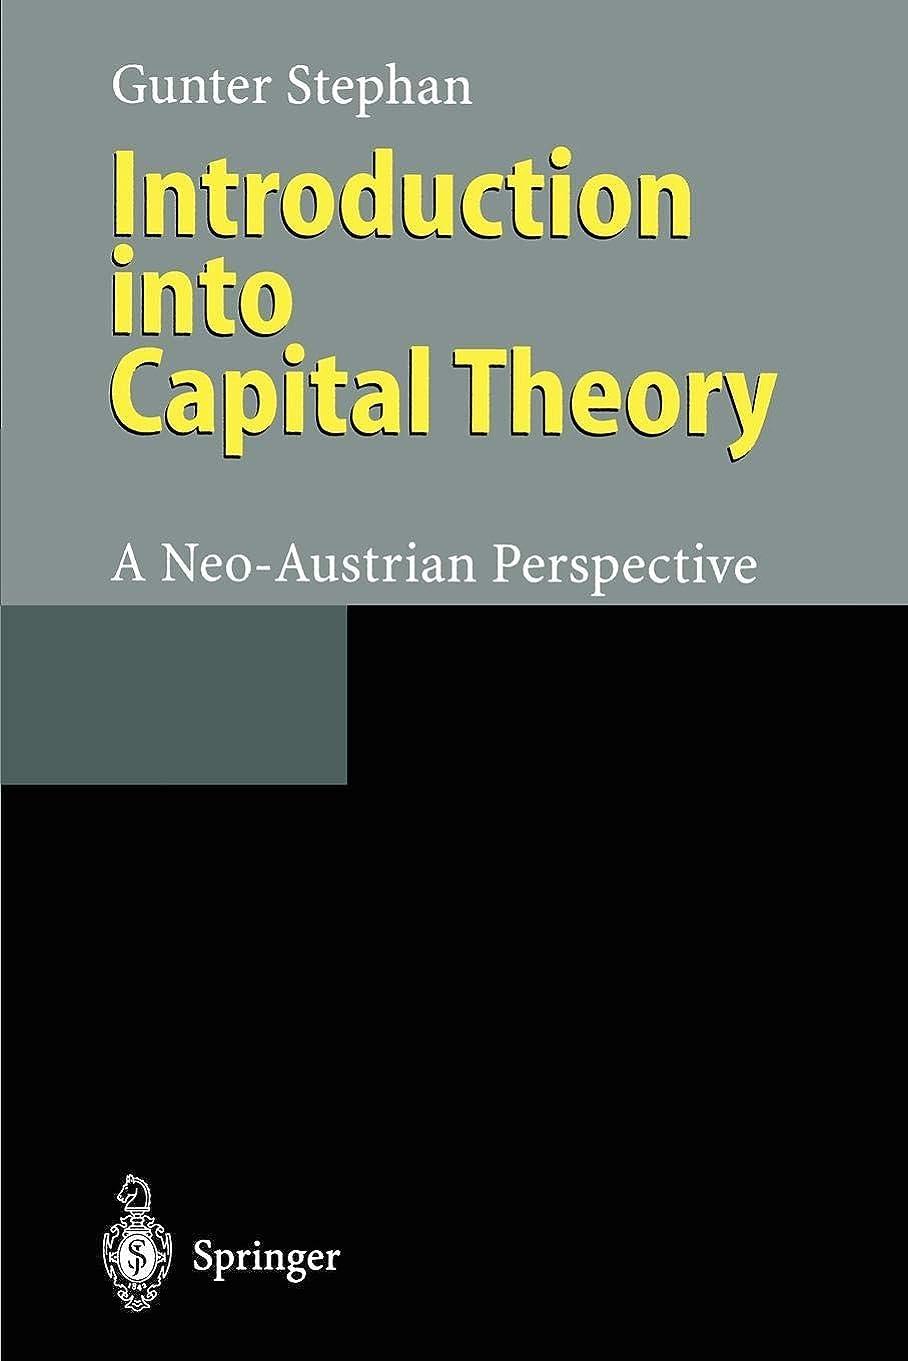 直径広がり大量Introduction into Capital Theory: A Neo-Austrian Perspective